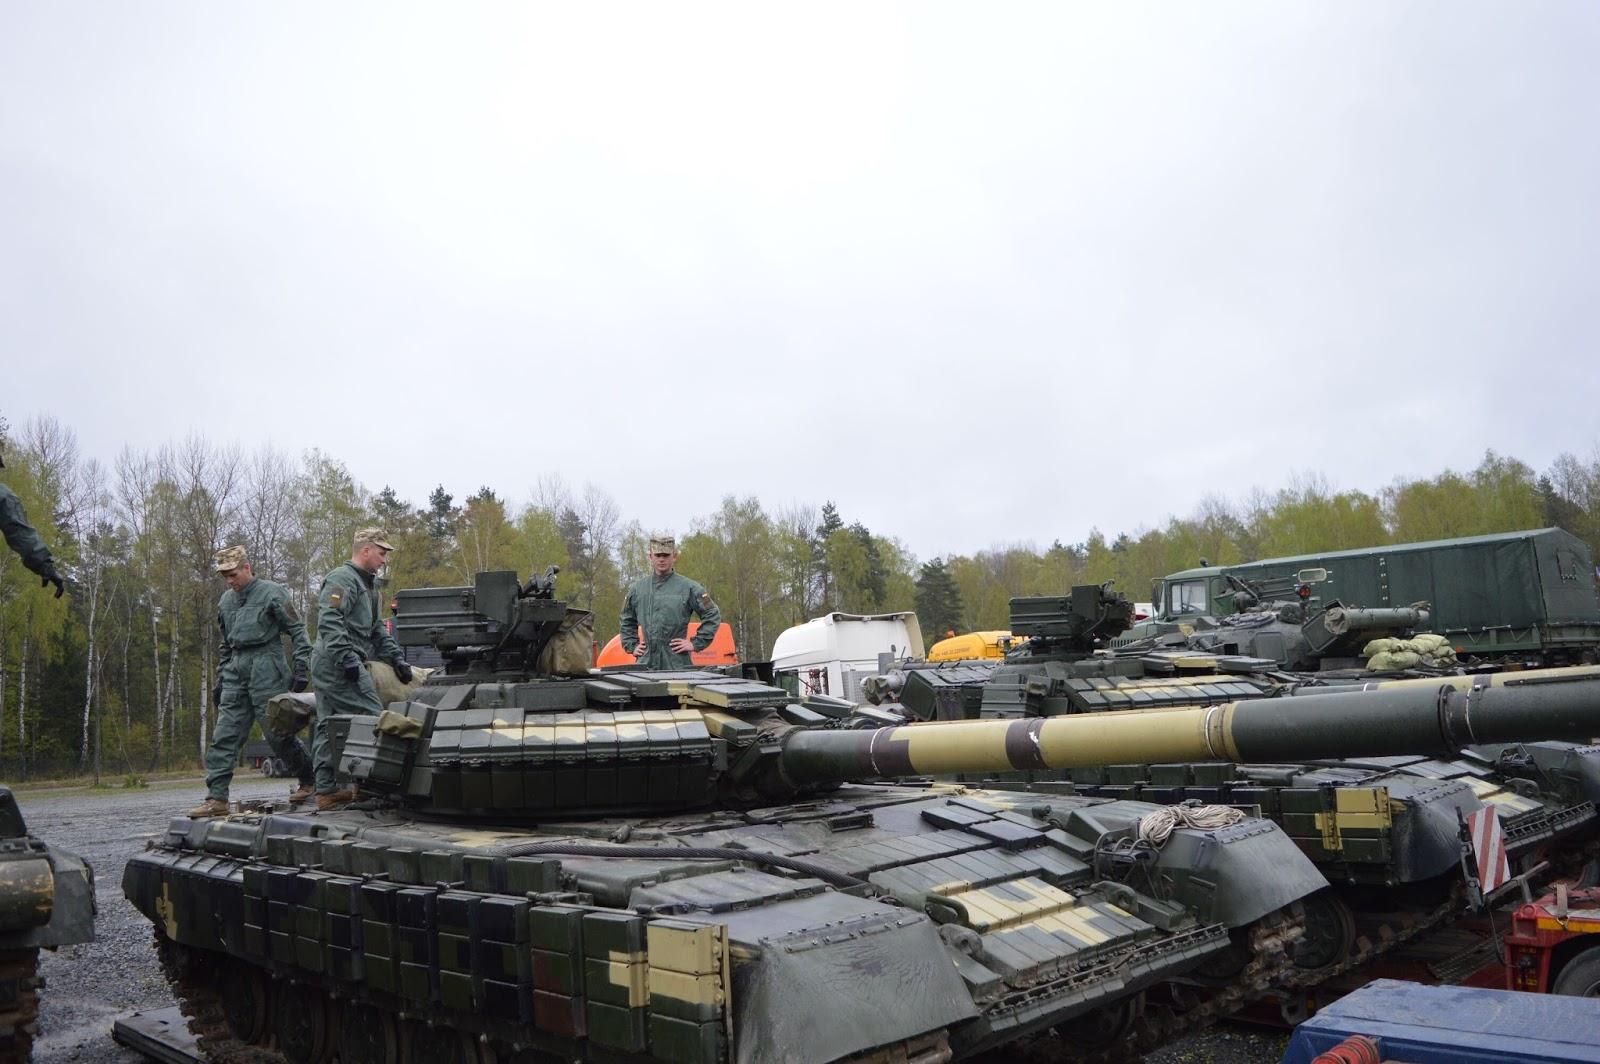 Ukrainian Military Pages - Танкісти 14 омбр прибули у Німеччину для участі у Strong Europe Tank Challenge 2017